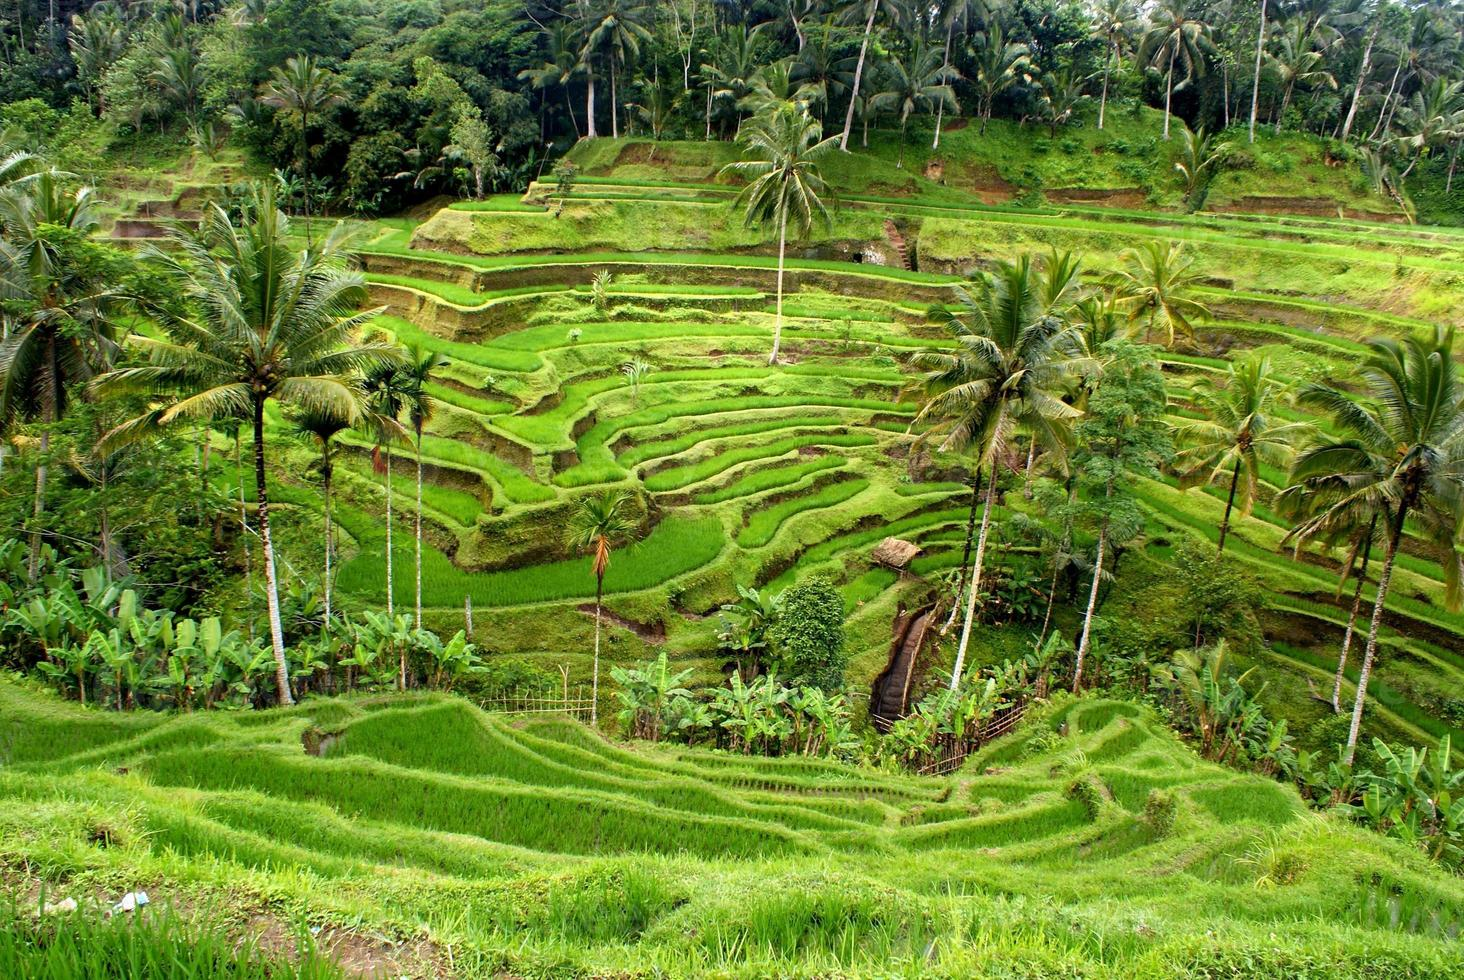 Reisfelder und Terrasse, Bali, Indonesien foto